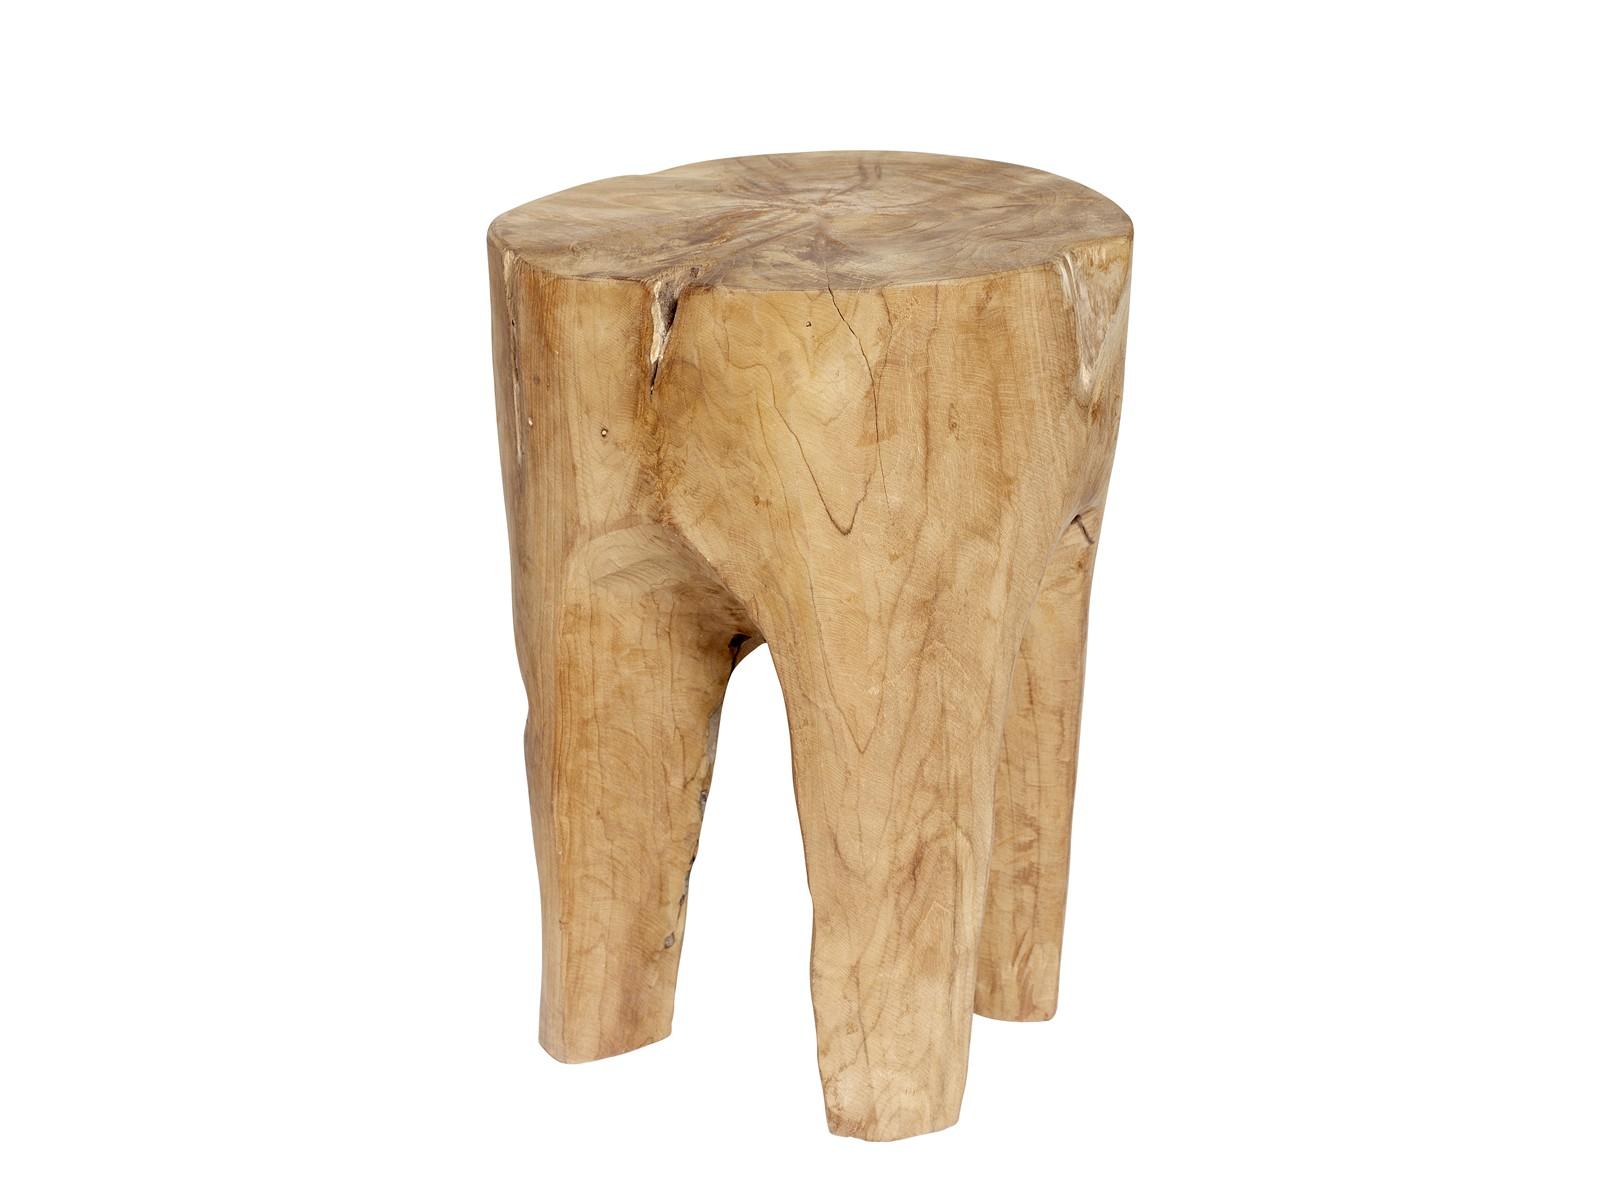 Табурет ПЕНЁКТабуреты<br>Табурет из цельного куска тика. Каждый имеет неповторимую природную форму. Сборка не требуется<br><br>Material: Дерево<br>Высота см: 40